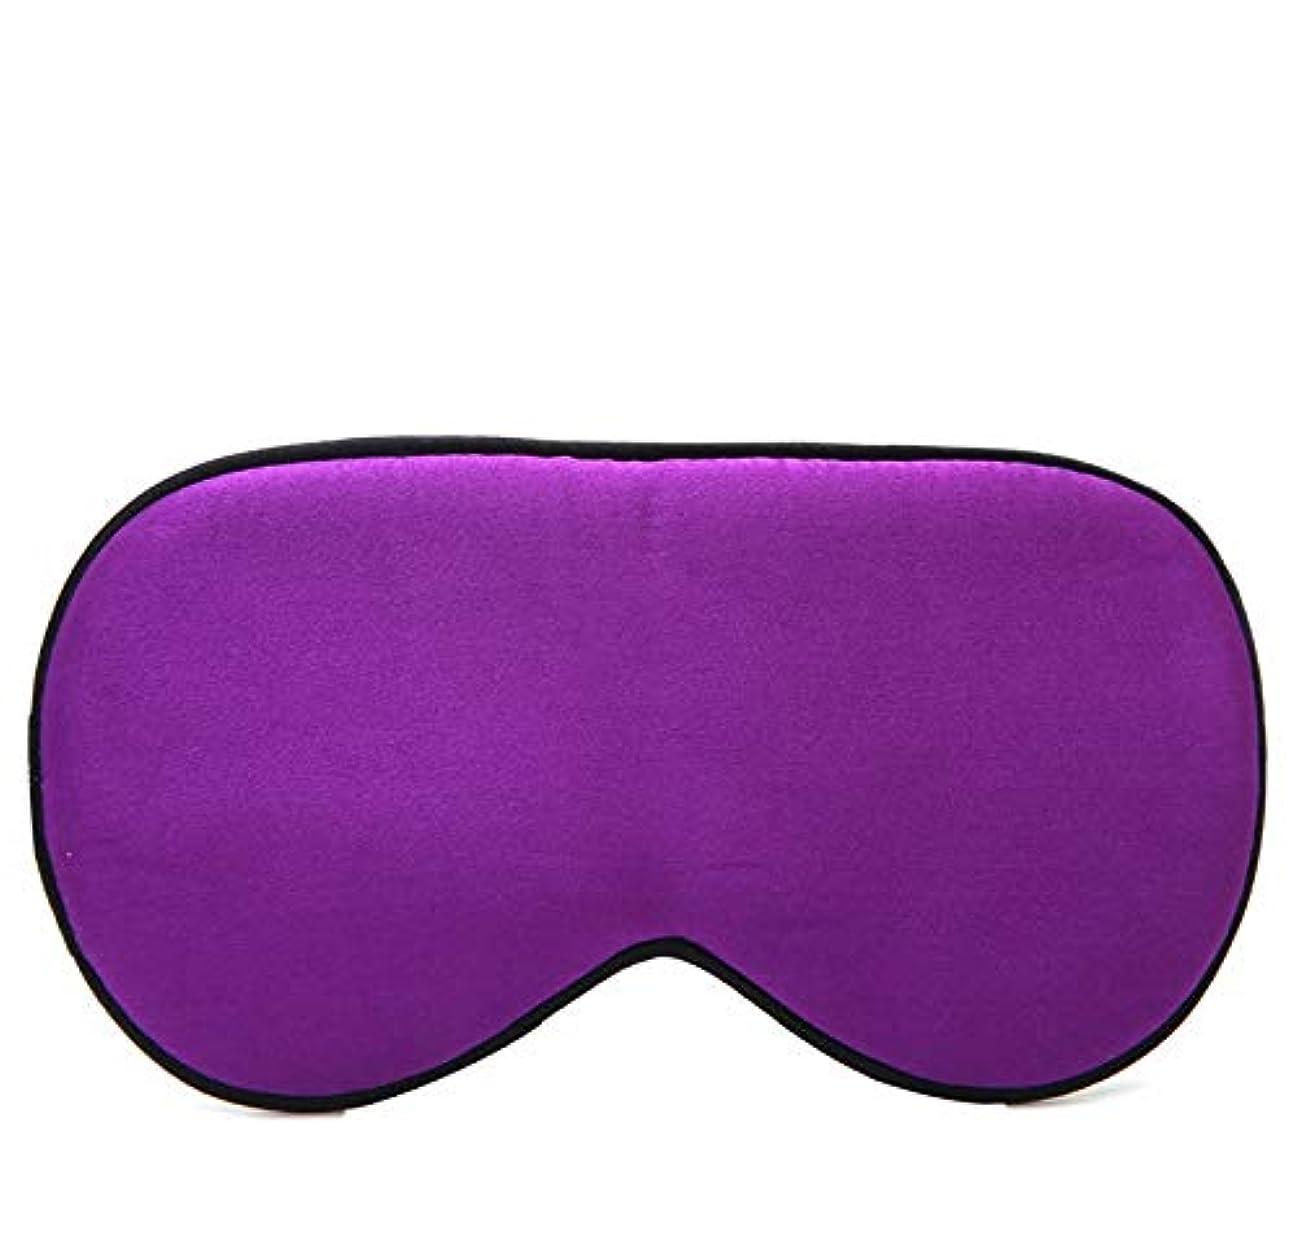 大腿ライターメルボルンNOTE 3dソフト通気性ファブリックアイシェード睡眠アイマスクポータブル旅行睡眠休息補助アイマスクカバーアイパッチ睡眠マスク